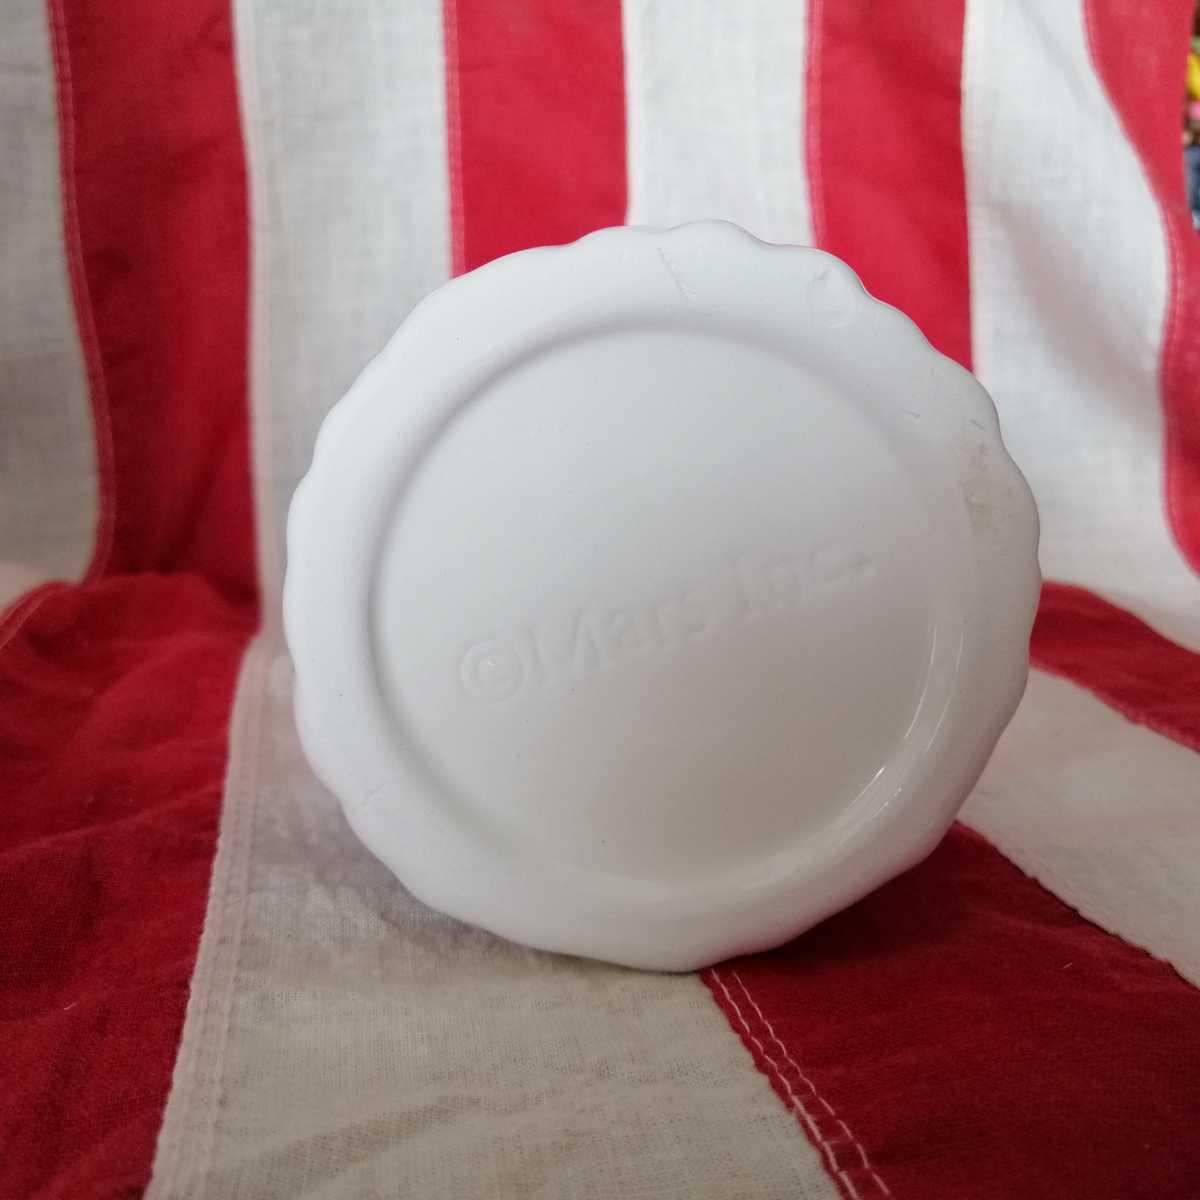 エムアンドエムズ M&Ms フィギュア インテリア 陶器製 人形 小物入れ レトロ 置き物 雪国限定品 D254_画像2